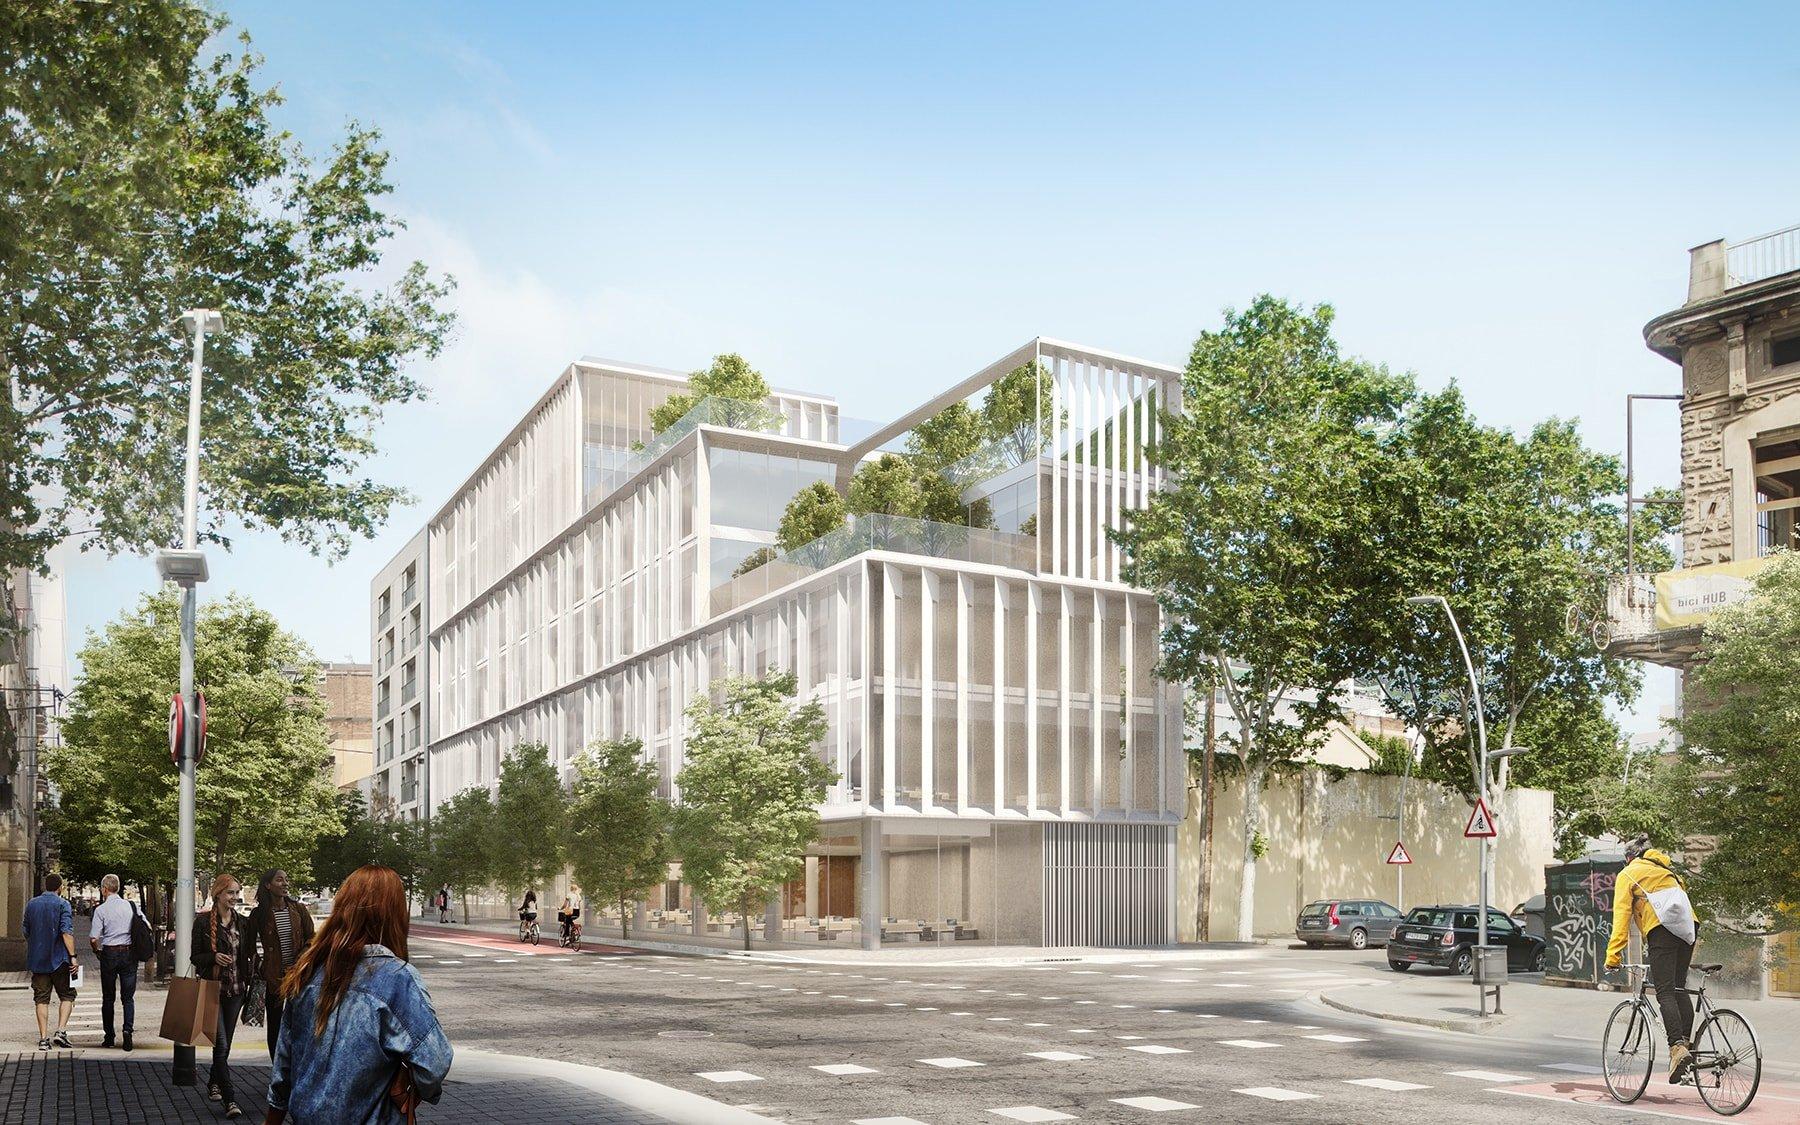 El edificio de oficinas de la calle Pere IV (Poblenou), pretende serun puente entre el barrio histórico y el futuro distrito tecnológico de la ciudad.